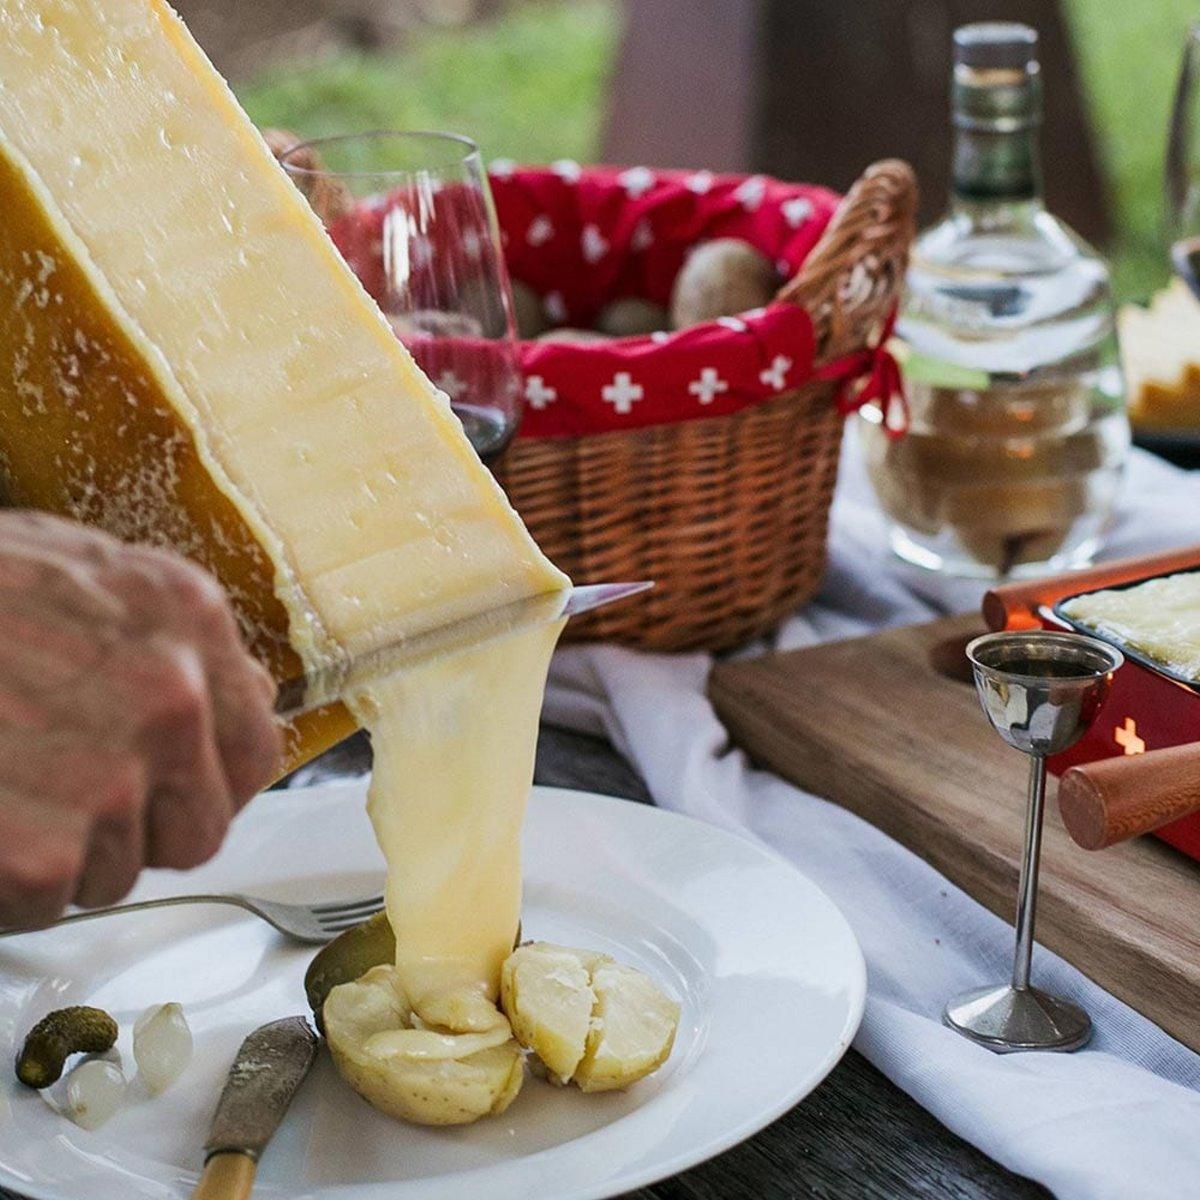 """Ελβετία: Κάνουμε ένα γαστρονομικό ταξίδι στη """"χώρα των λιμνών"""" μέσα από 10 μοναδικά πιάτα που αξίζει να δοκιμάσετε!"""